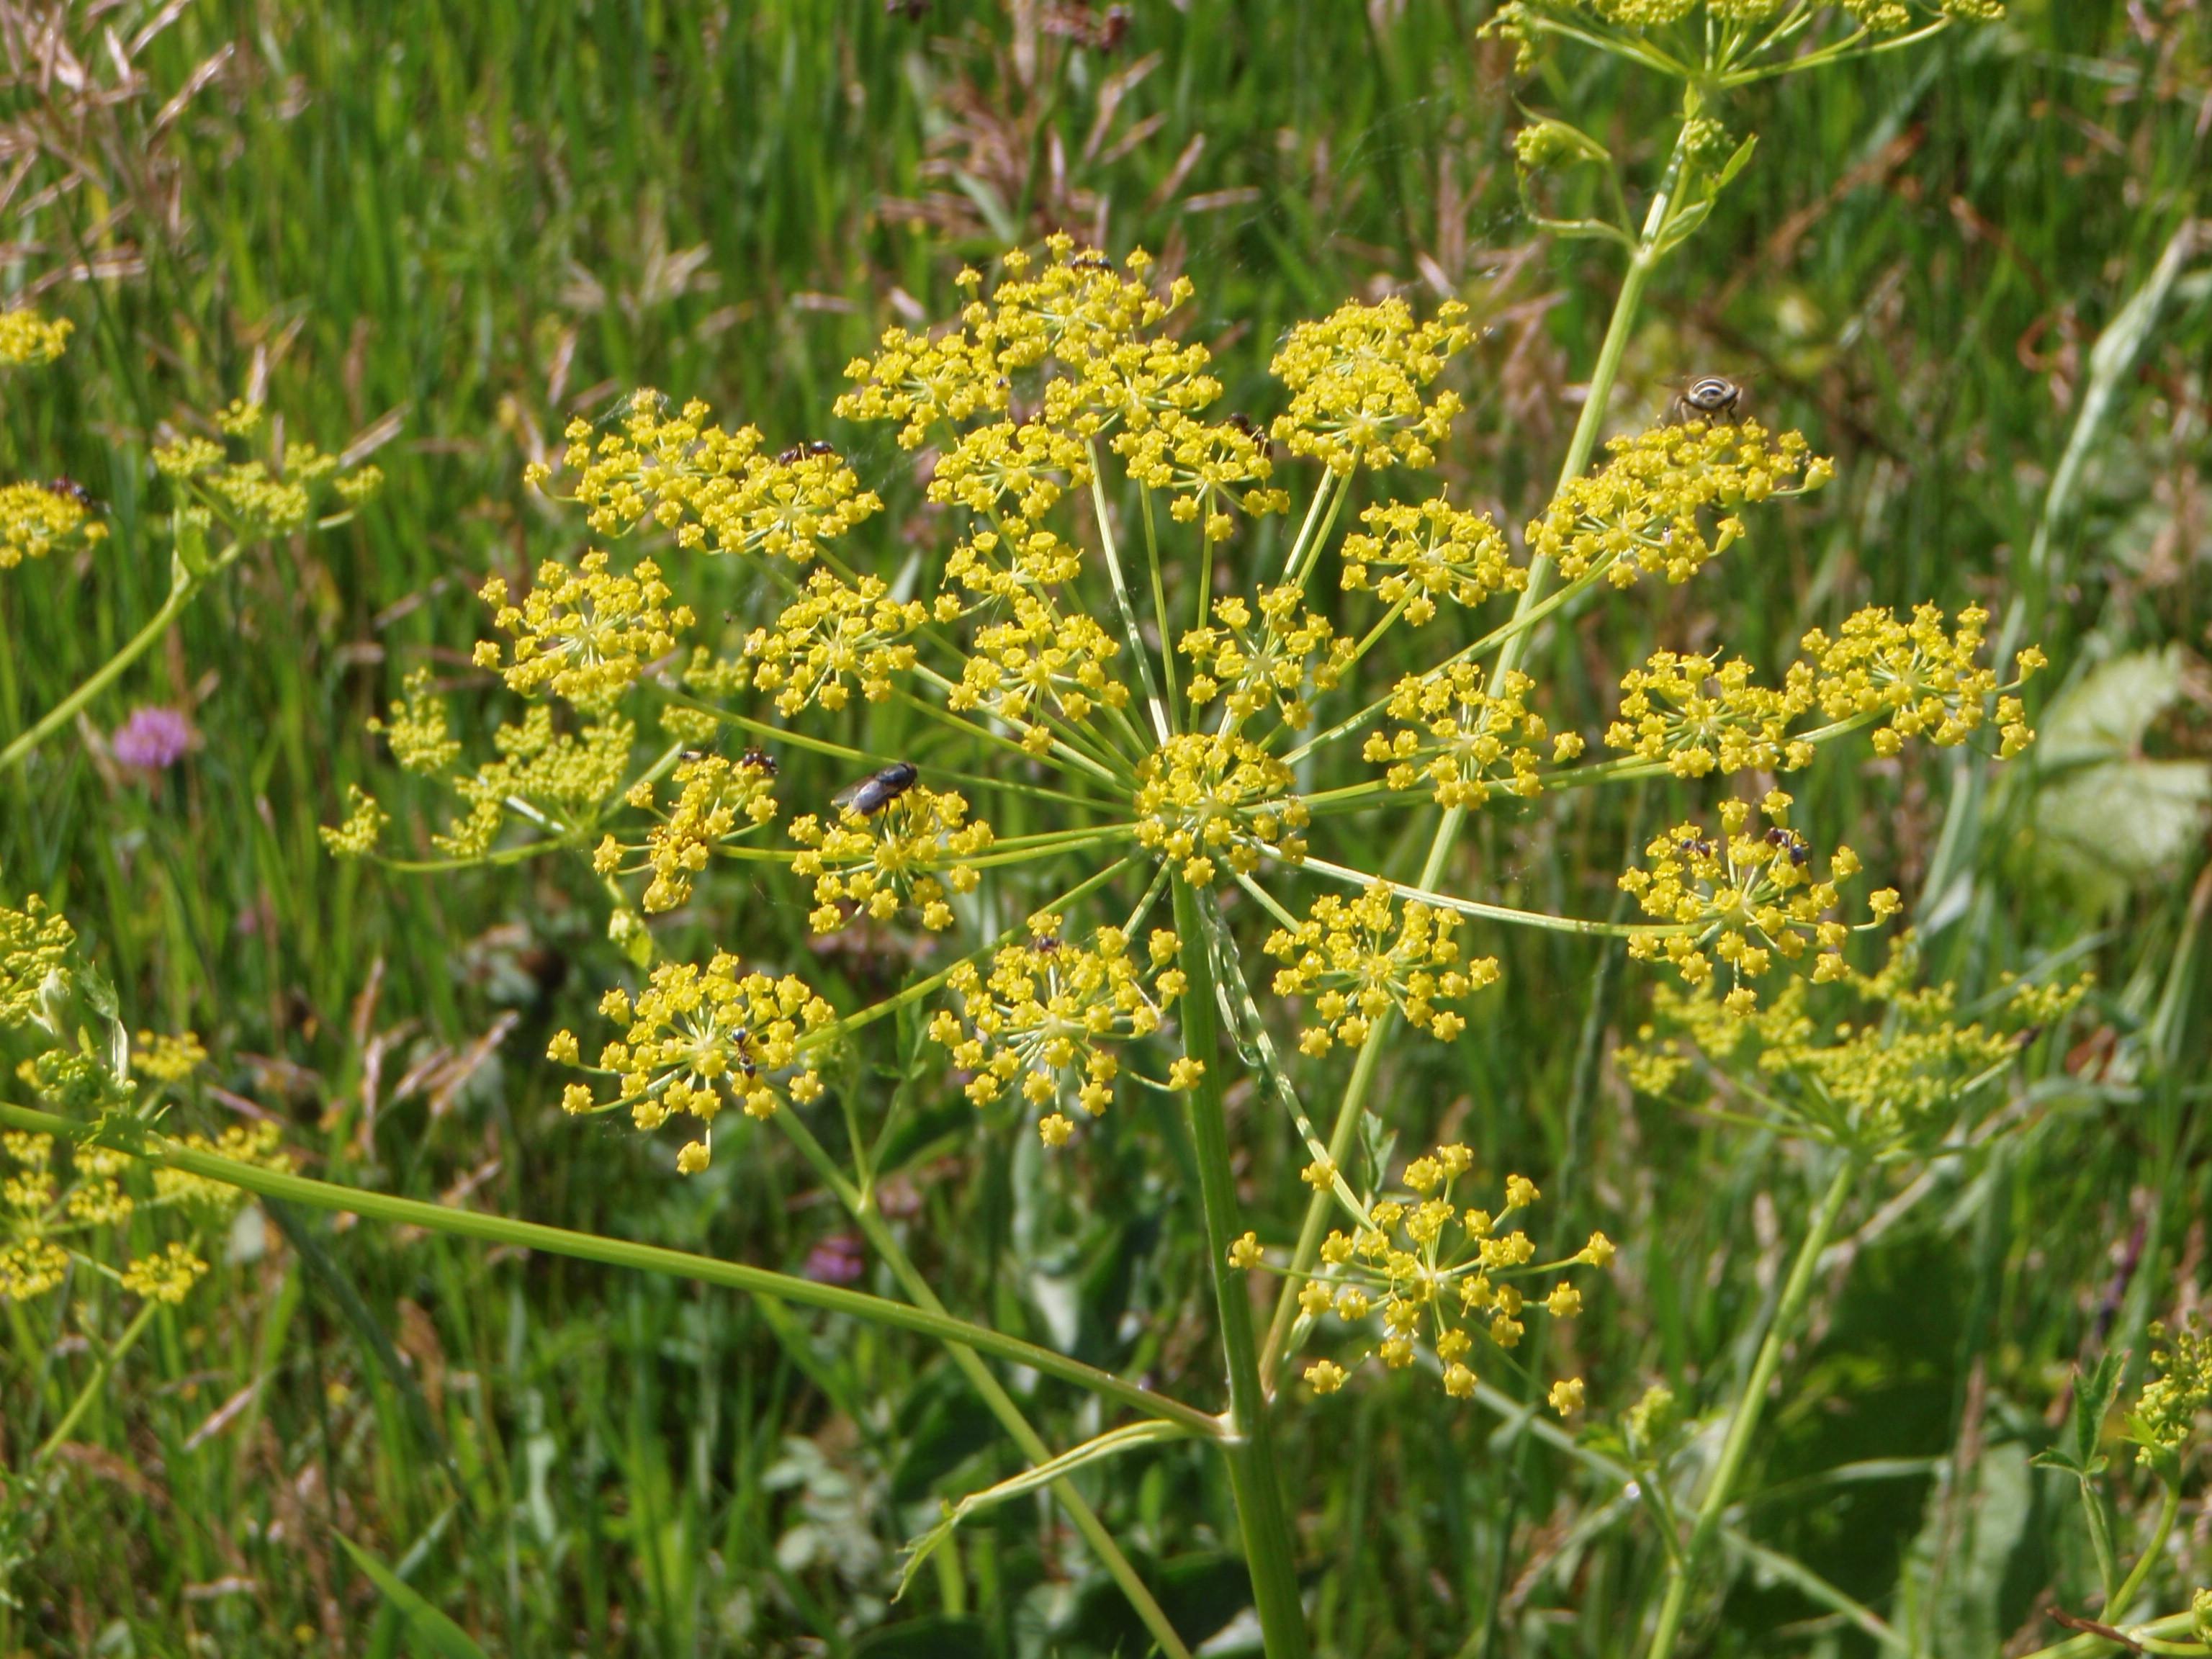 Calumet County Wi Official Website Terrestrial Invasive Species